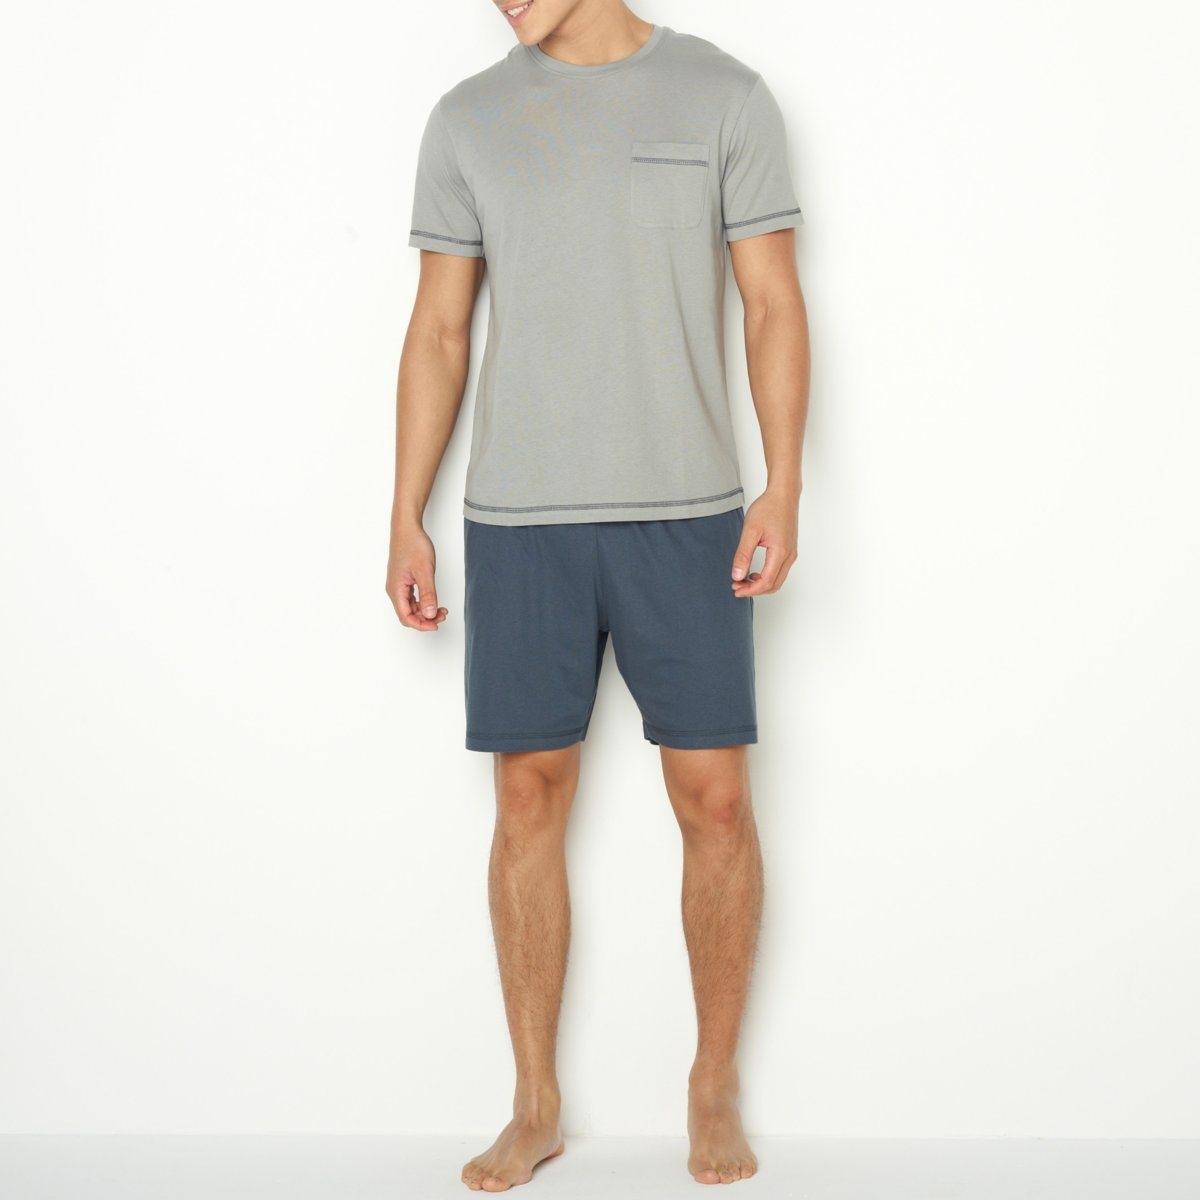 Пижама с шортамиДжерси, 100% хлопка. Футболка с короткими рукавами, круглым вырезом, нагрудным карманом и контрастной строчкой. Шорты с эластичным поясом.<br><br>Цвет: серый/ антрацит,синий/ темно-синий<br>Размер: S.XL.3XL.L.M.XXL.M